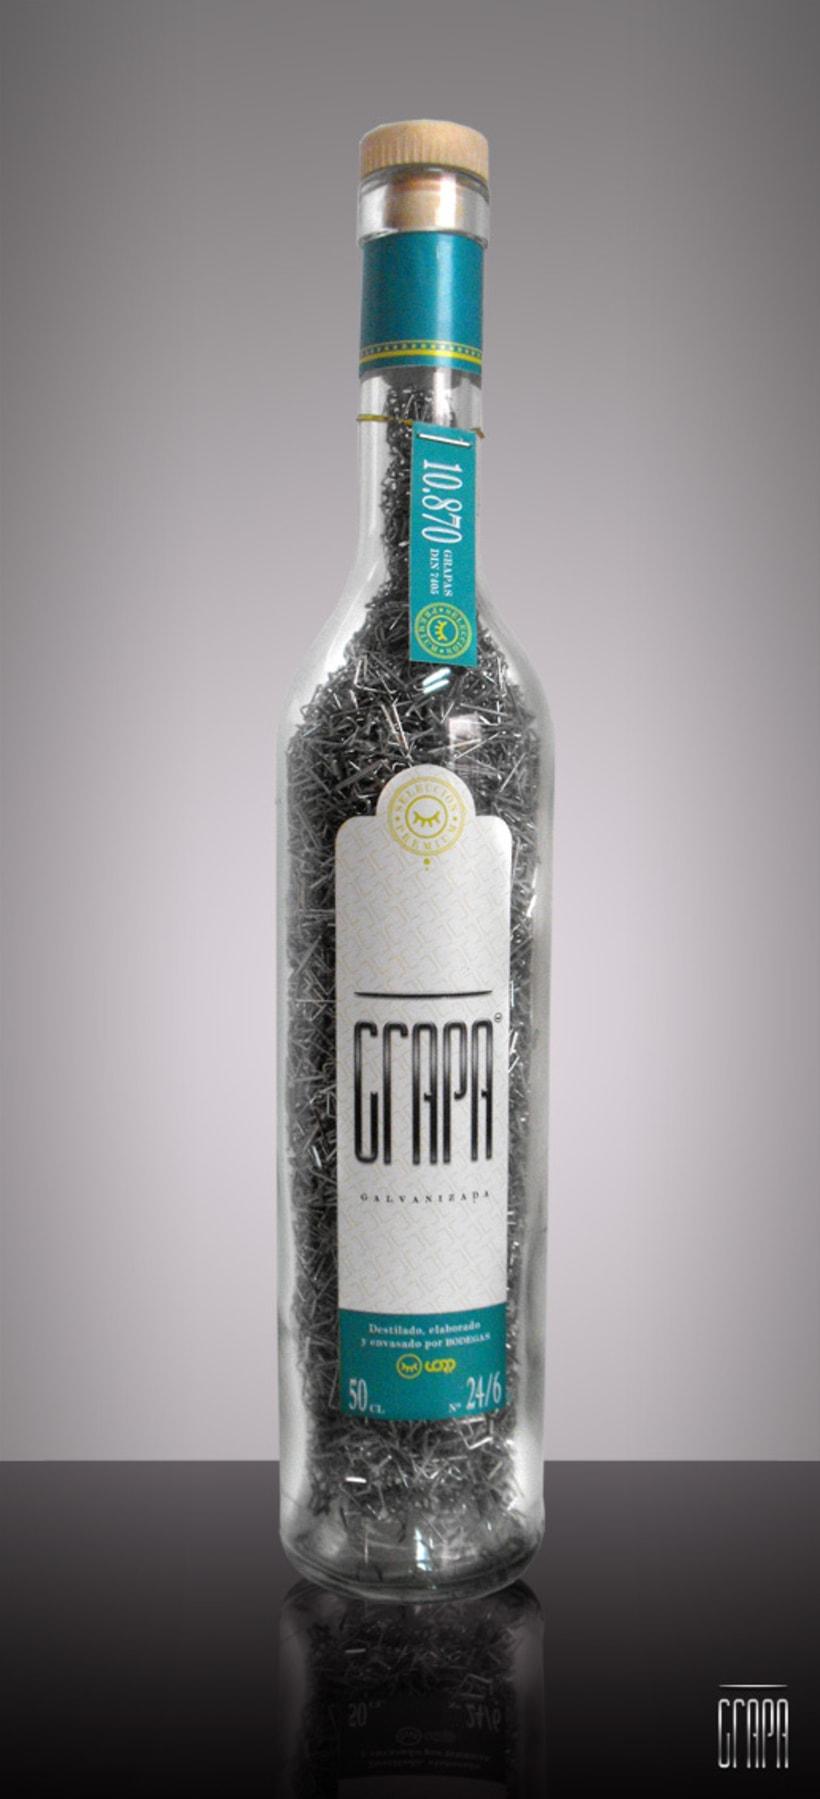 Botella de Grapa. 2